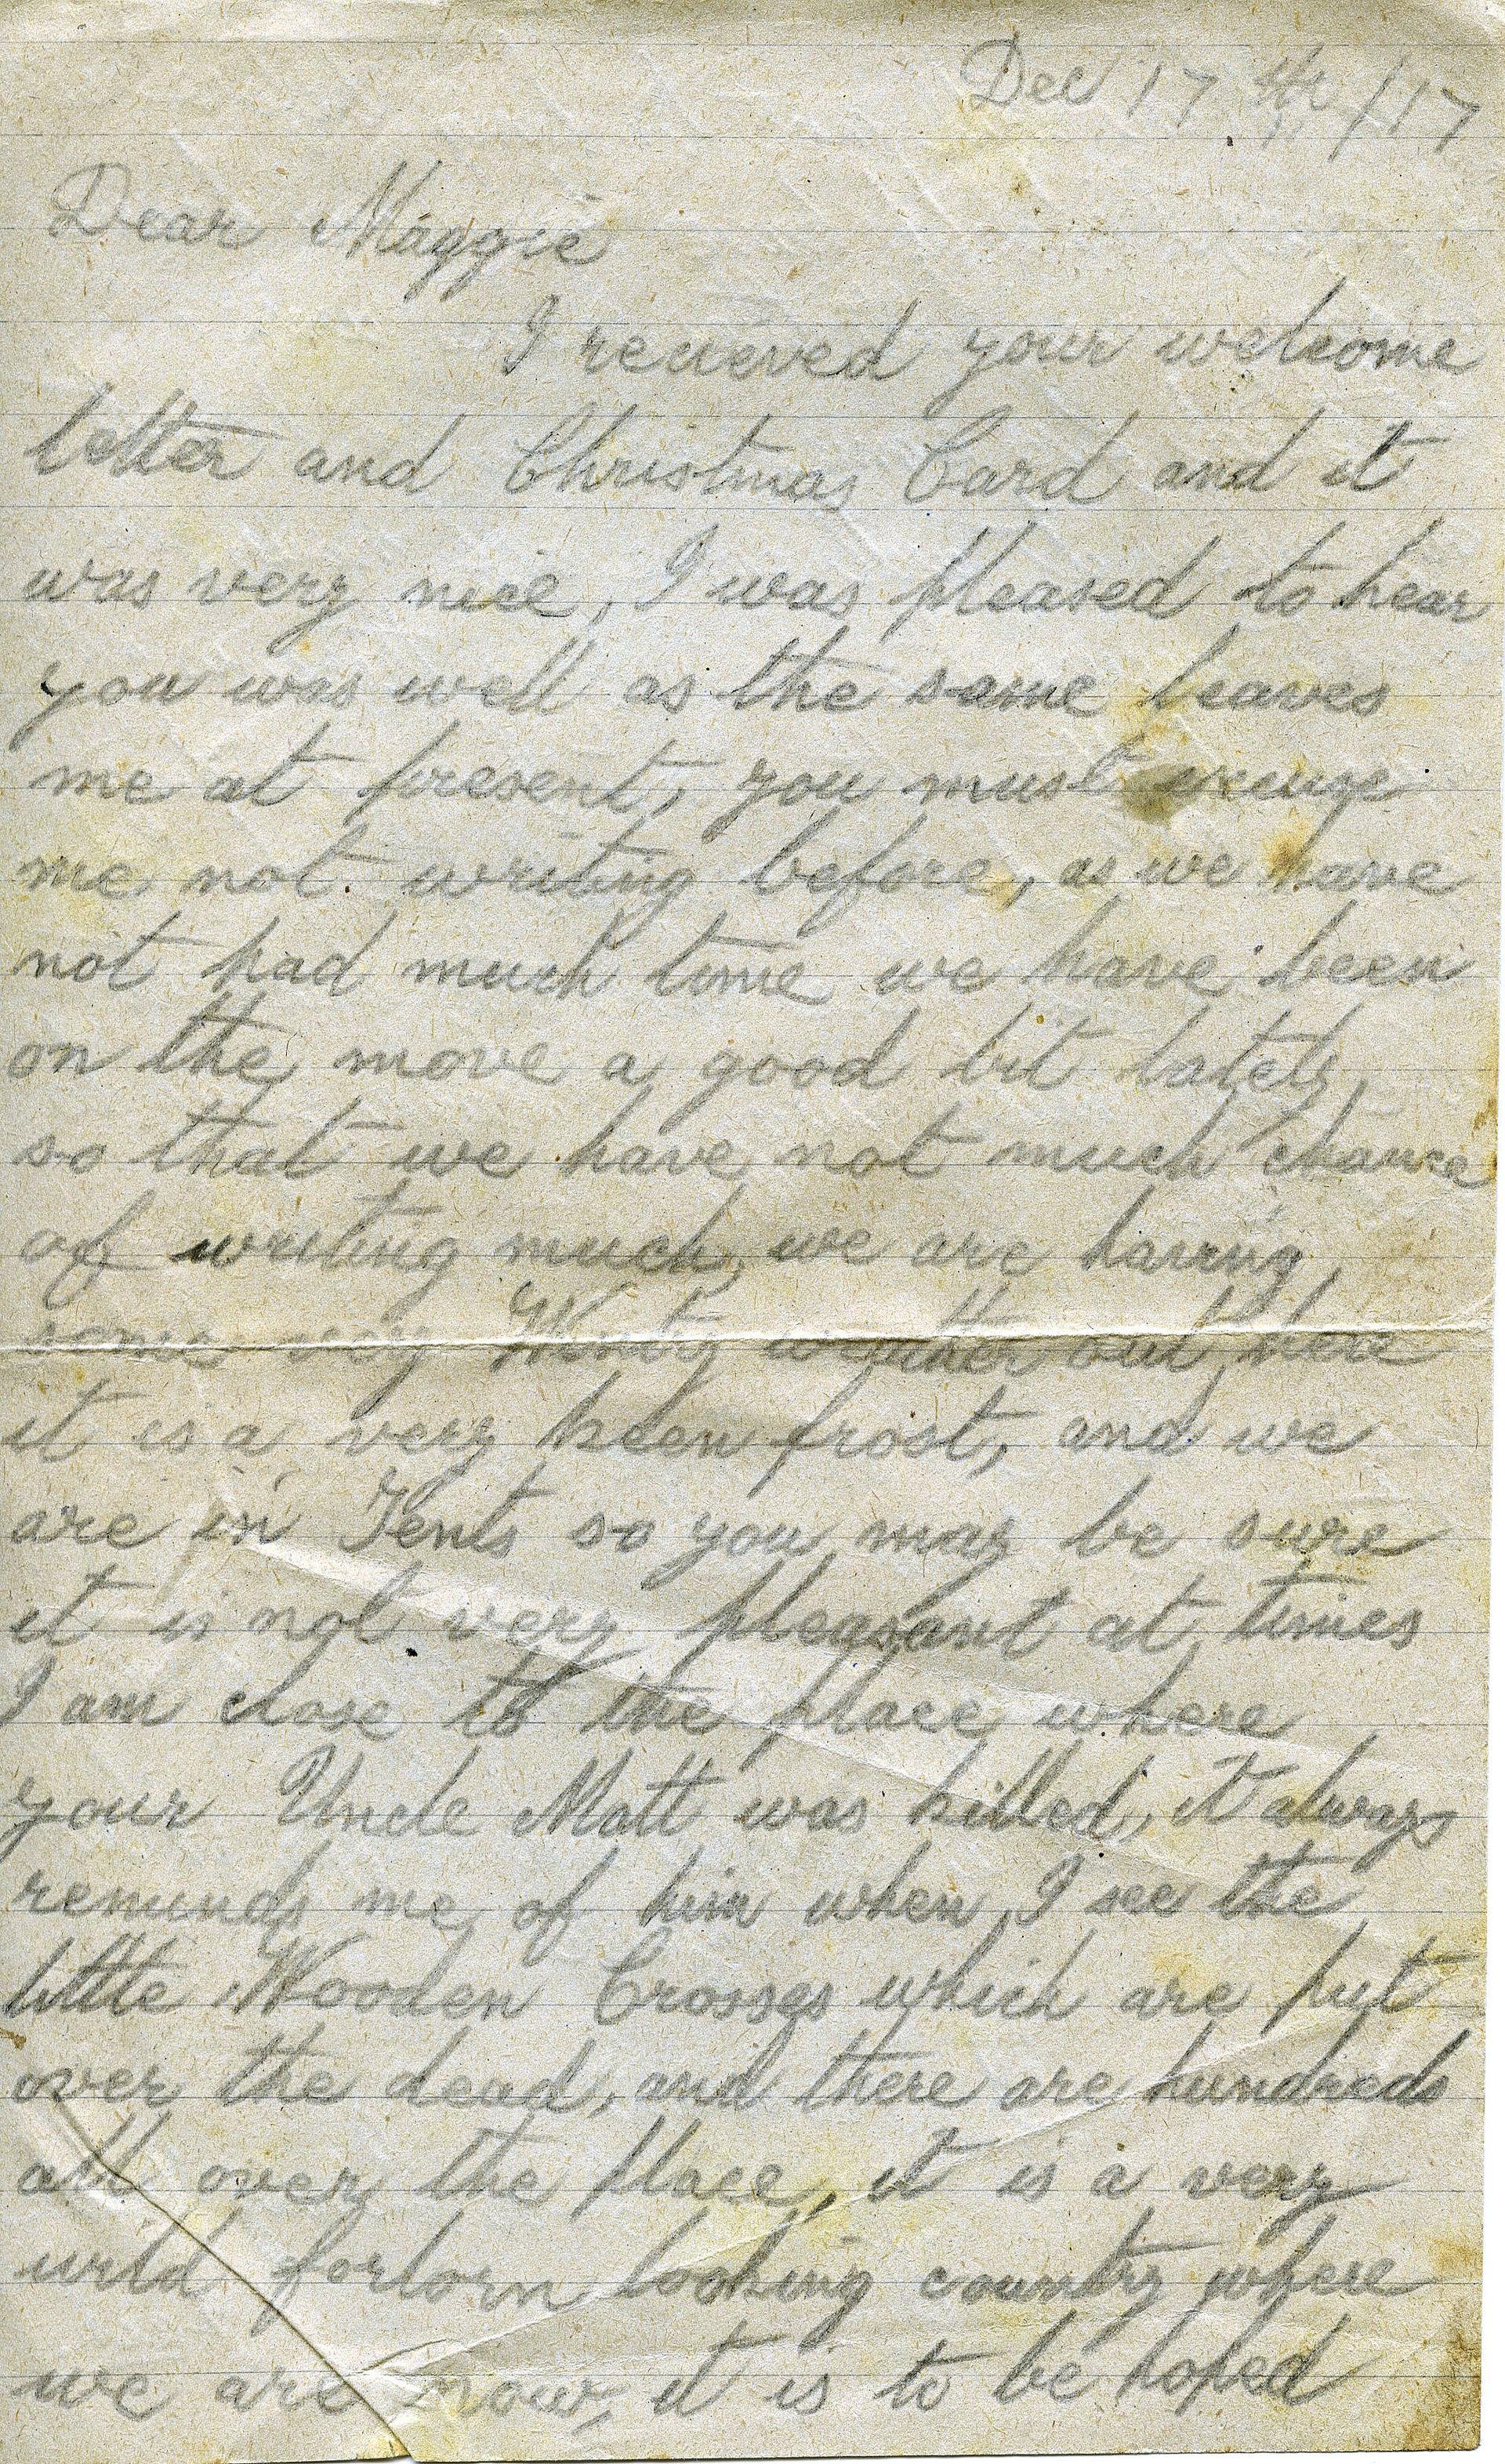 Letter from John Heseltine of Thoalby, 1917